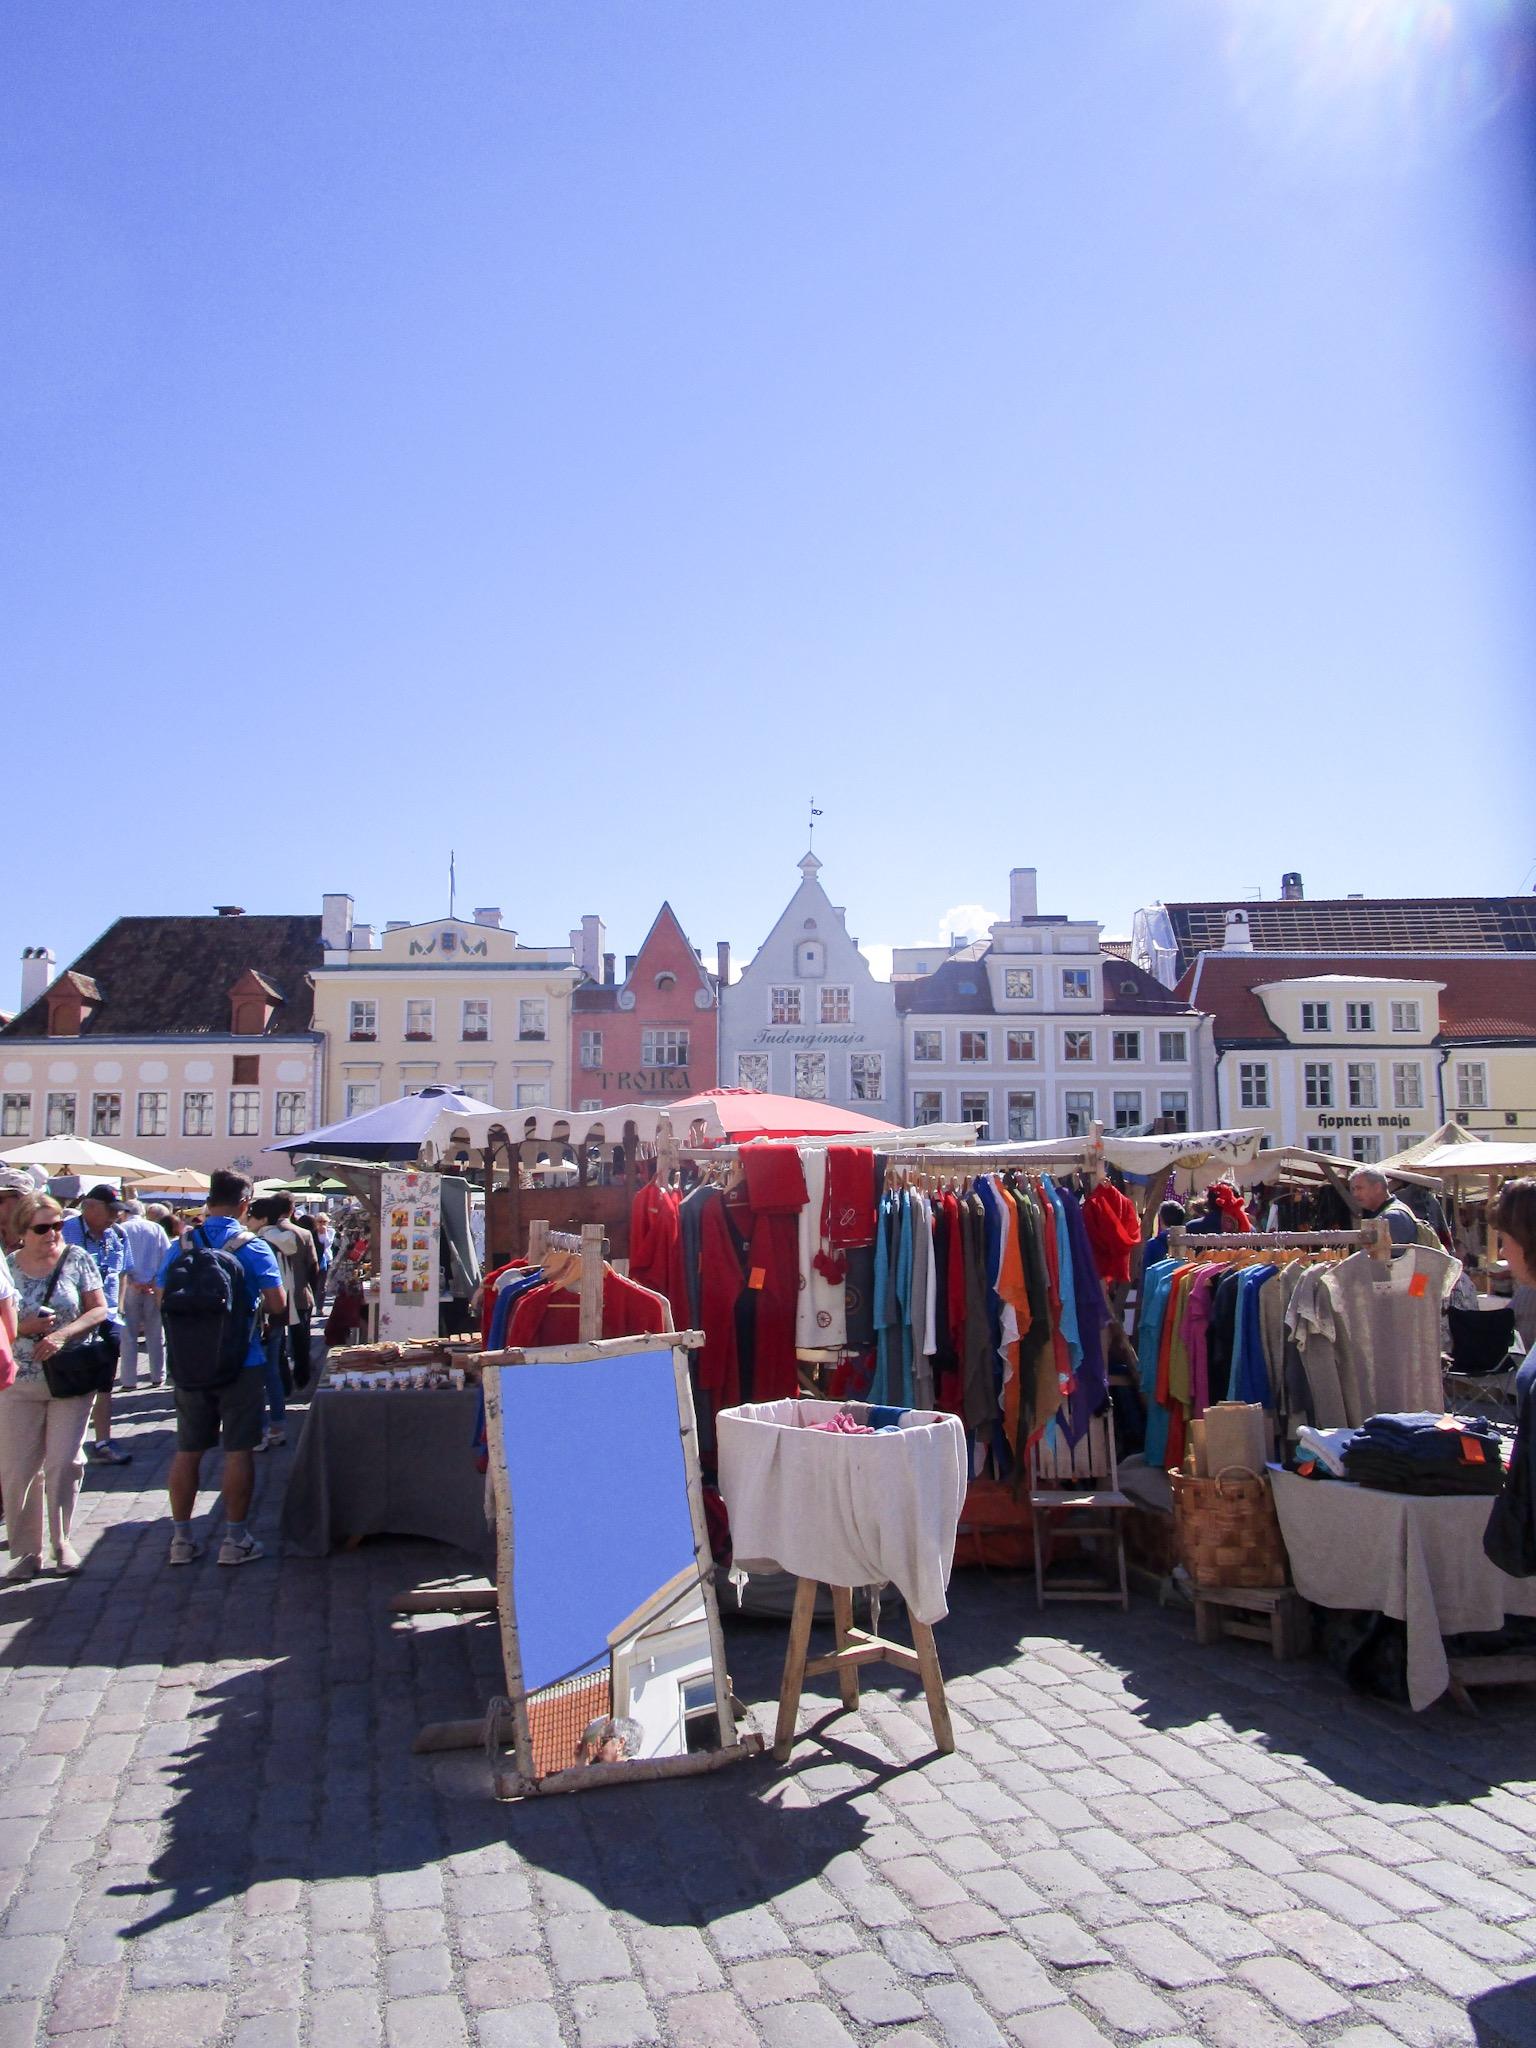 Old town Tallinn marketplace